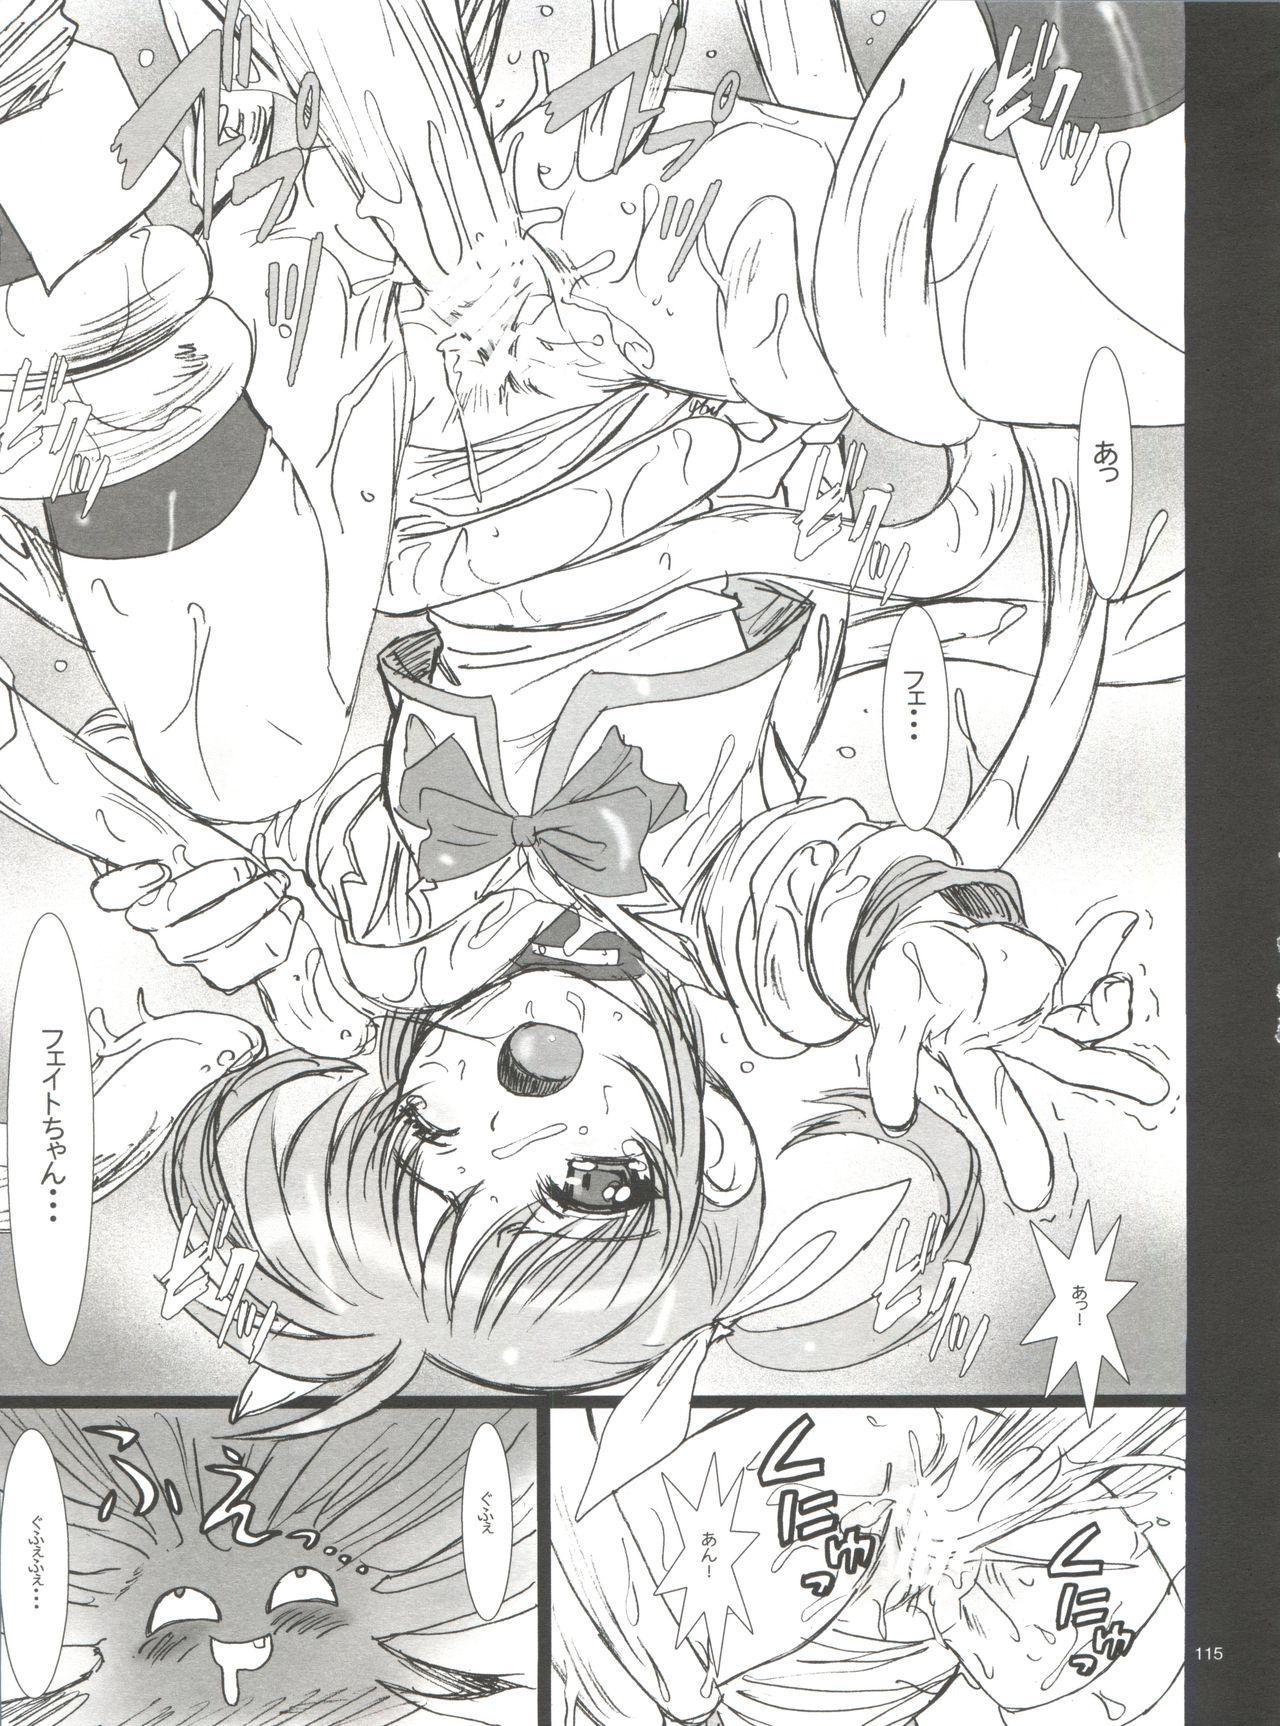 Wanpaku Anime Daihyakka Nanno Koto Jisensyuu Vol. 1 116